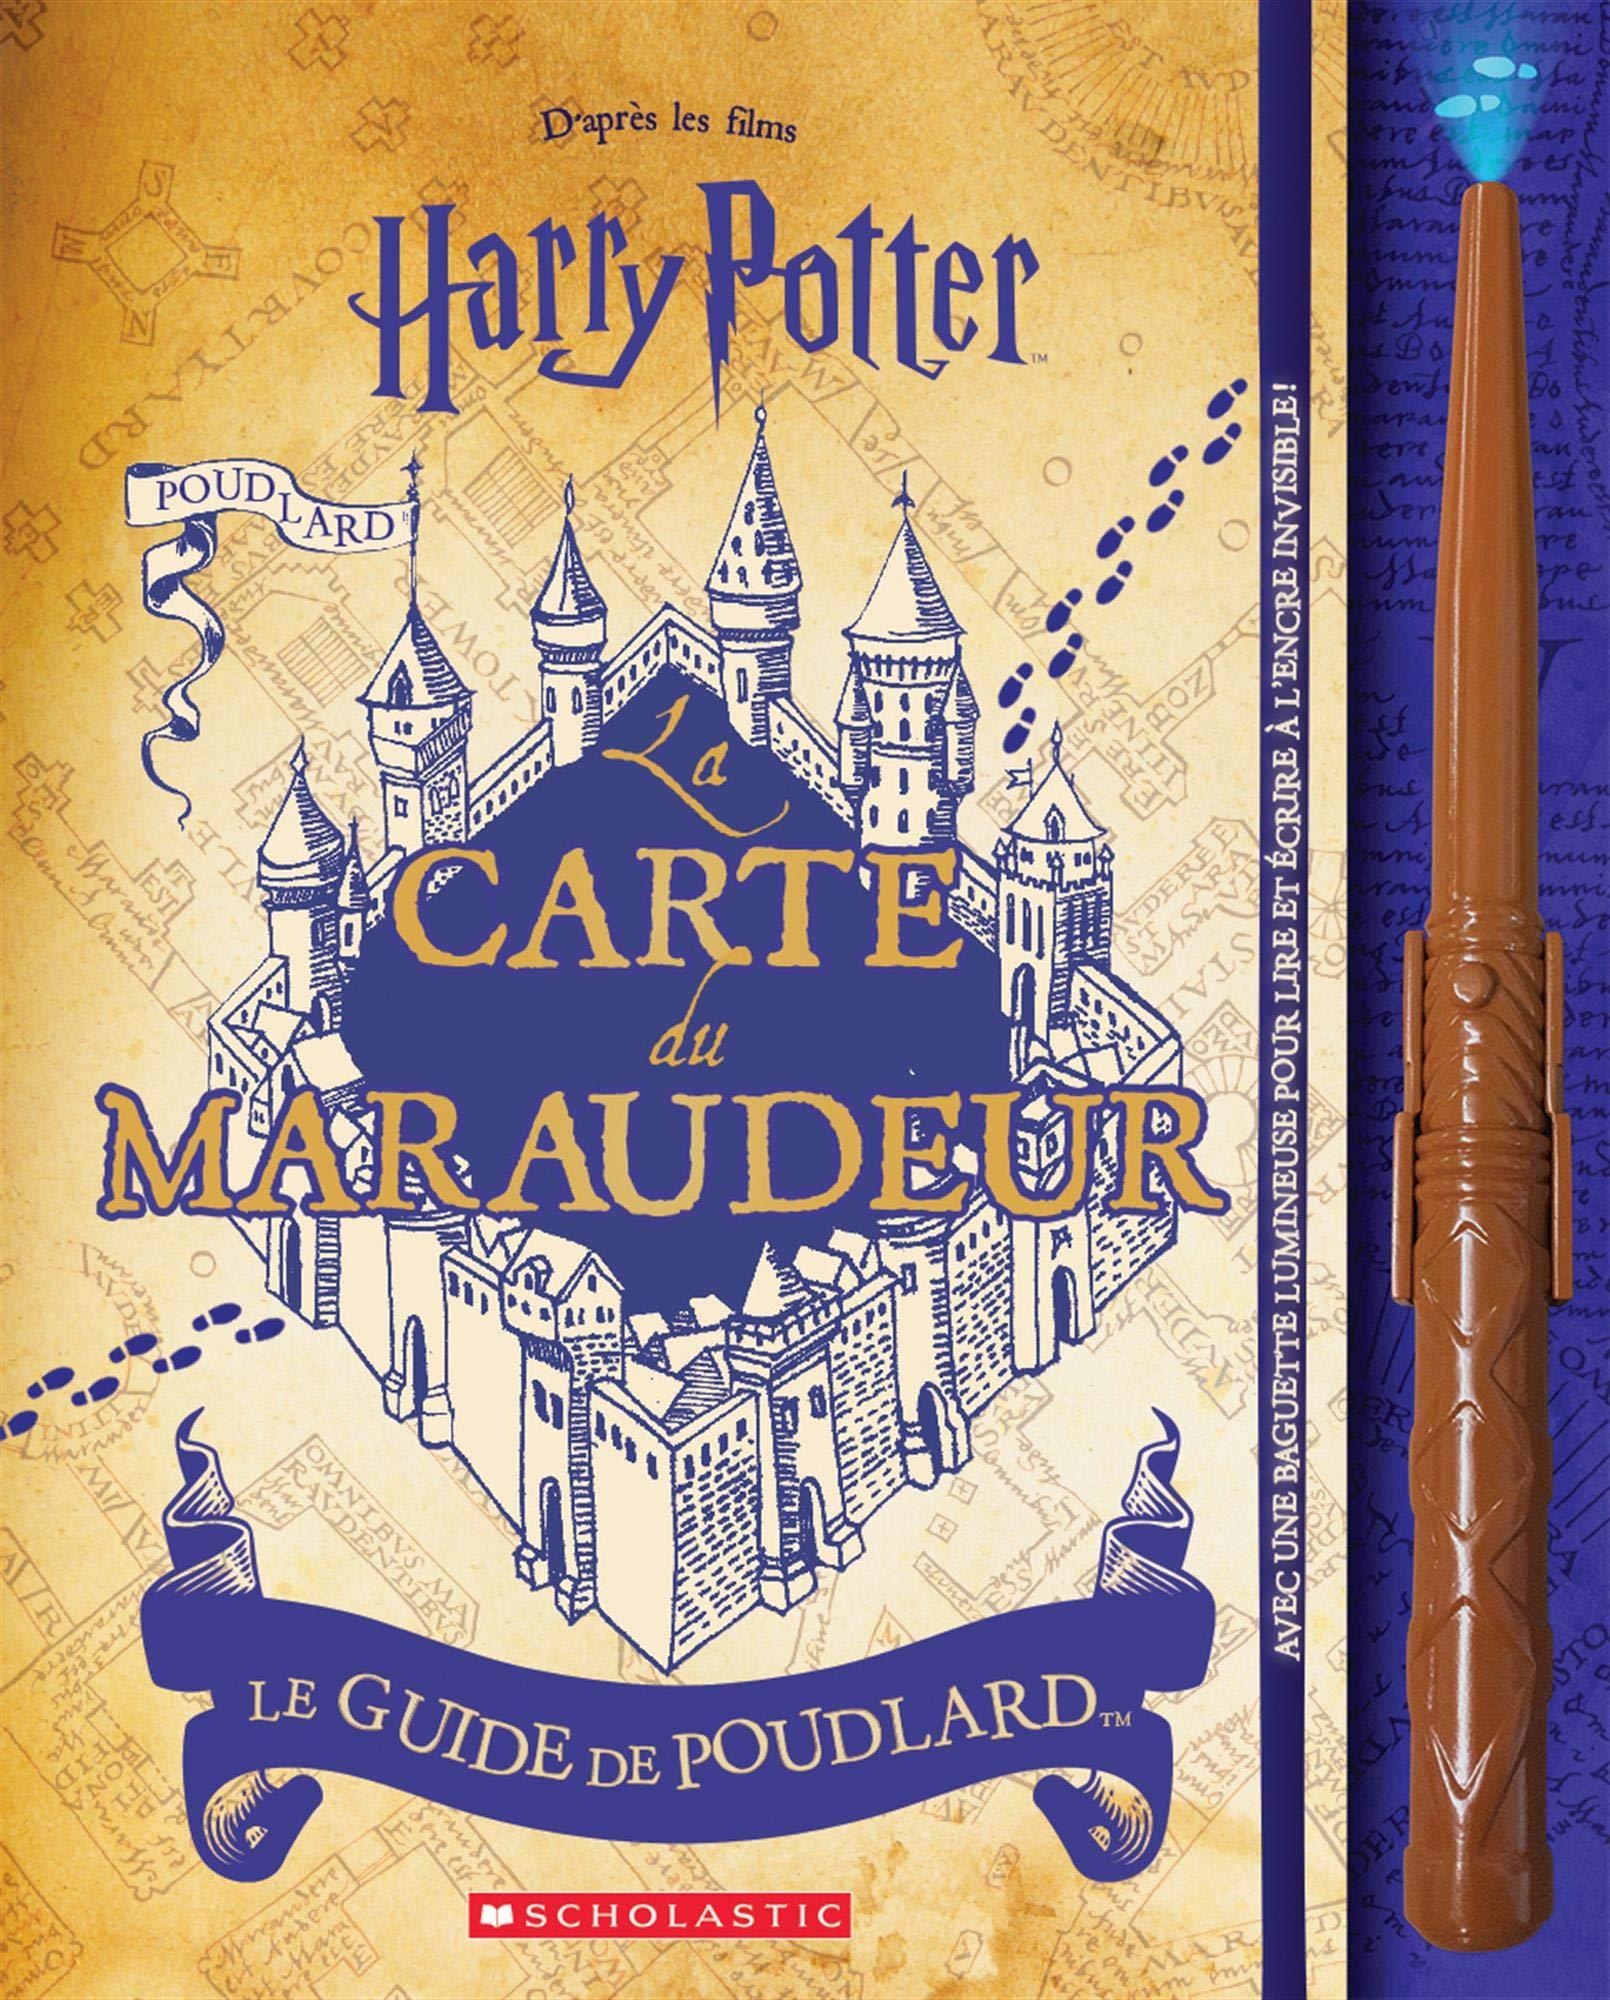 harry potter carte du maraudeur Harry Potter: La Carte Du Maraudeur: Le Guide de Poudlard (French